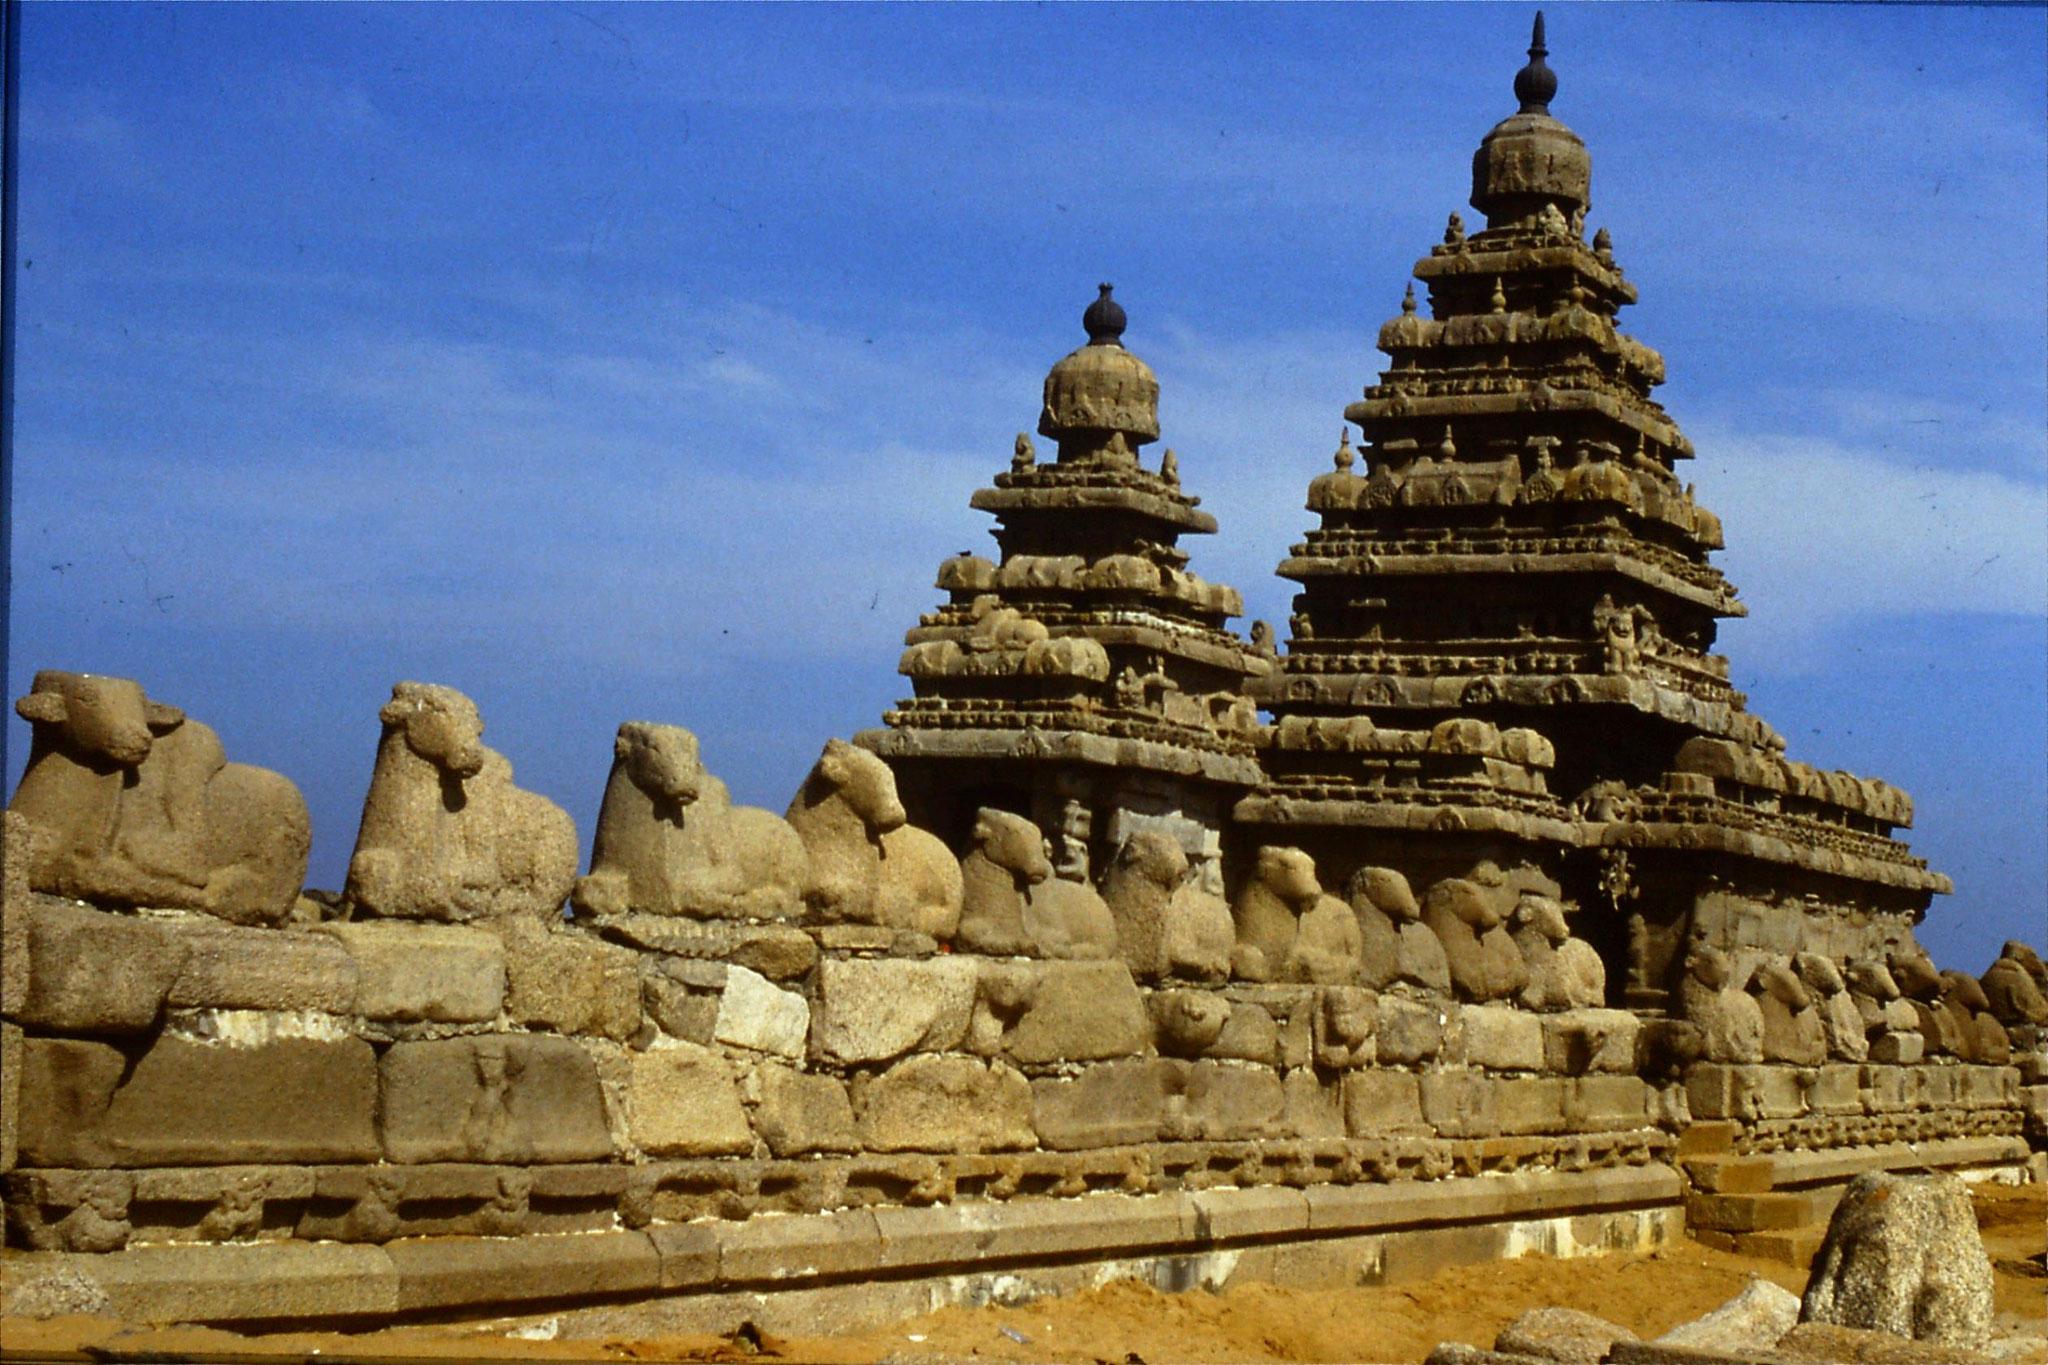 19/1/1990: 20: Mahabalipuram Shiva Temple